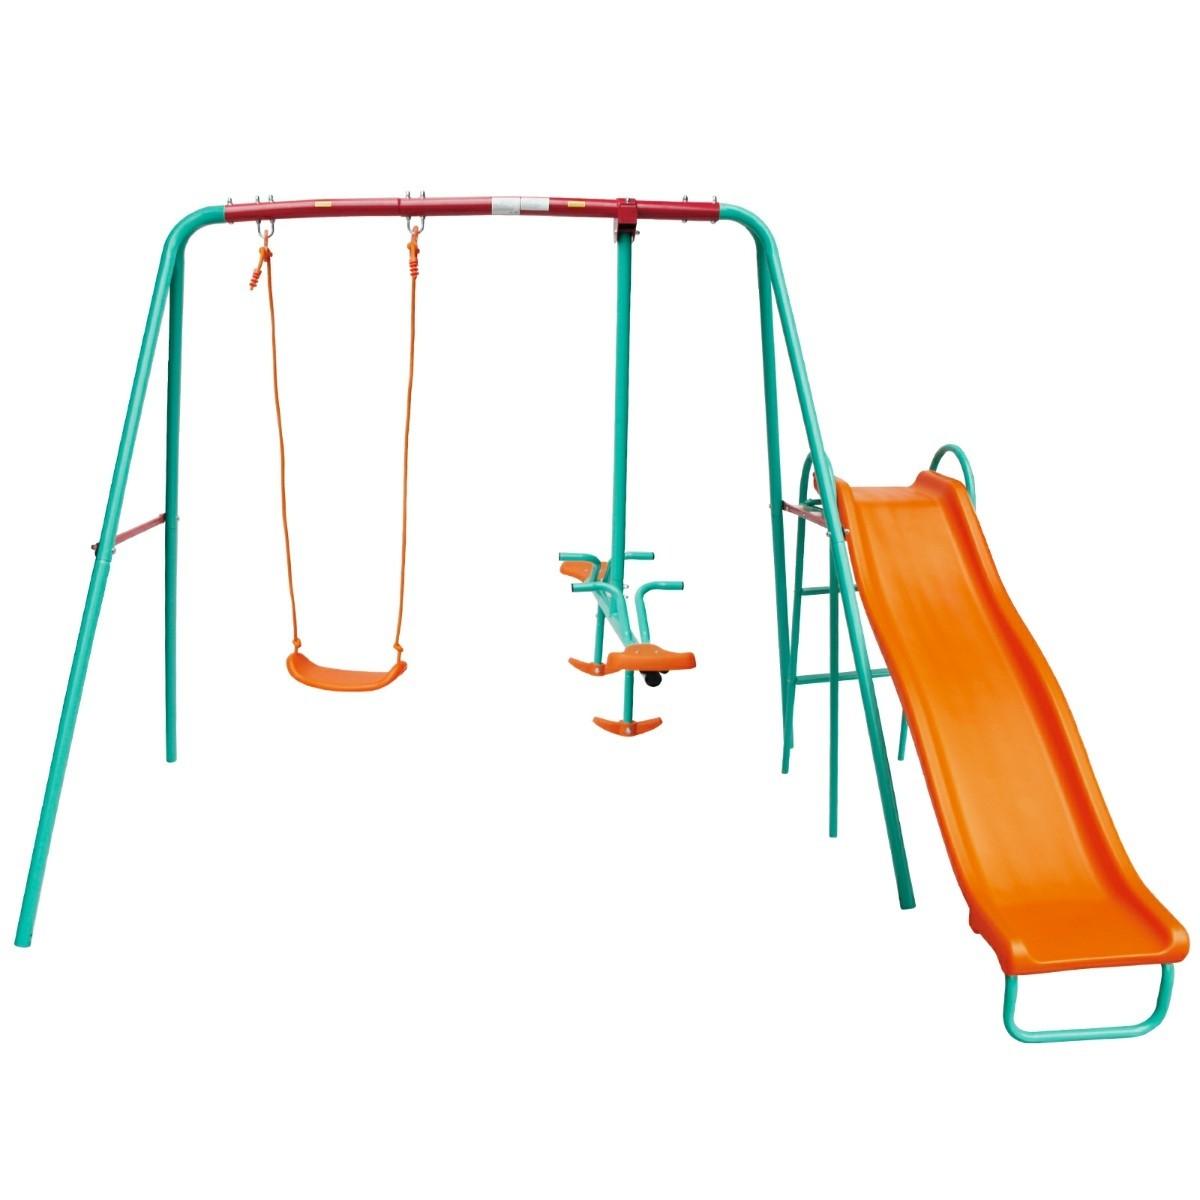 Full Size of Gartenschaukel Kinder Yorbay 3 In 1 Outdoor Schaukelgestell Kinderschaukel Regale Kinderzimmer Konzentrationsschwäche Bei Schulkindern Spielküche Regal Weiß Wohnzimmer Gartenschaukel Kinder